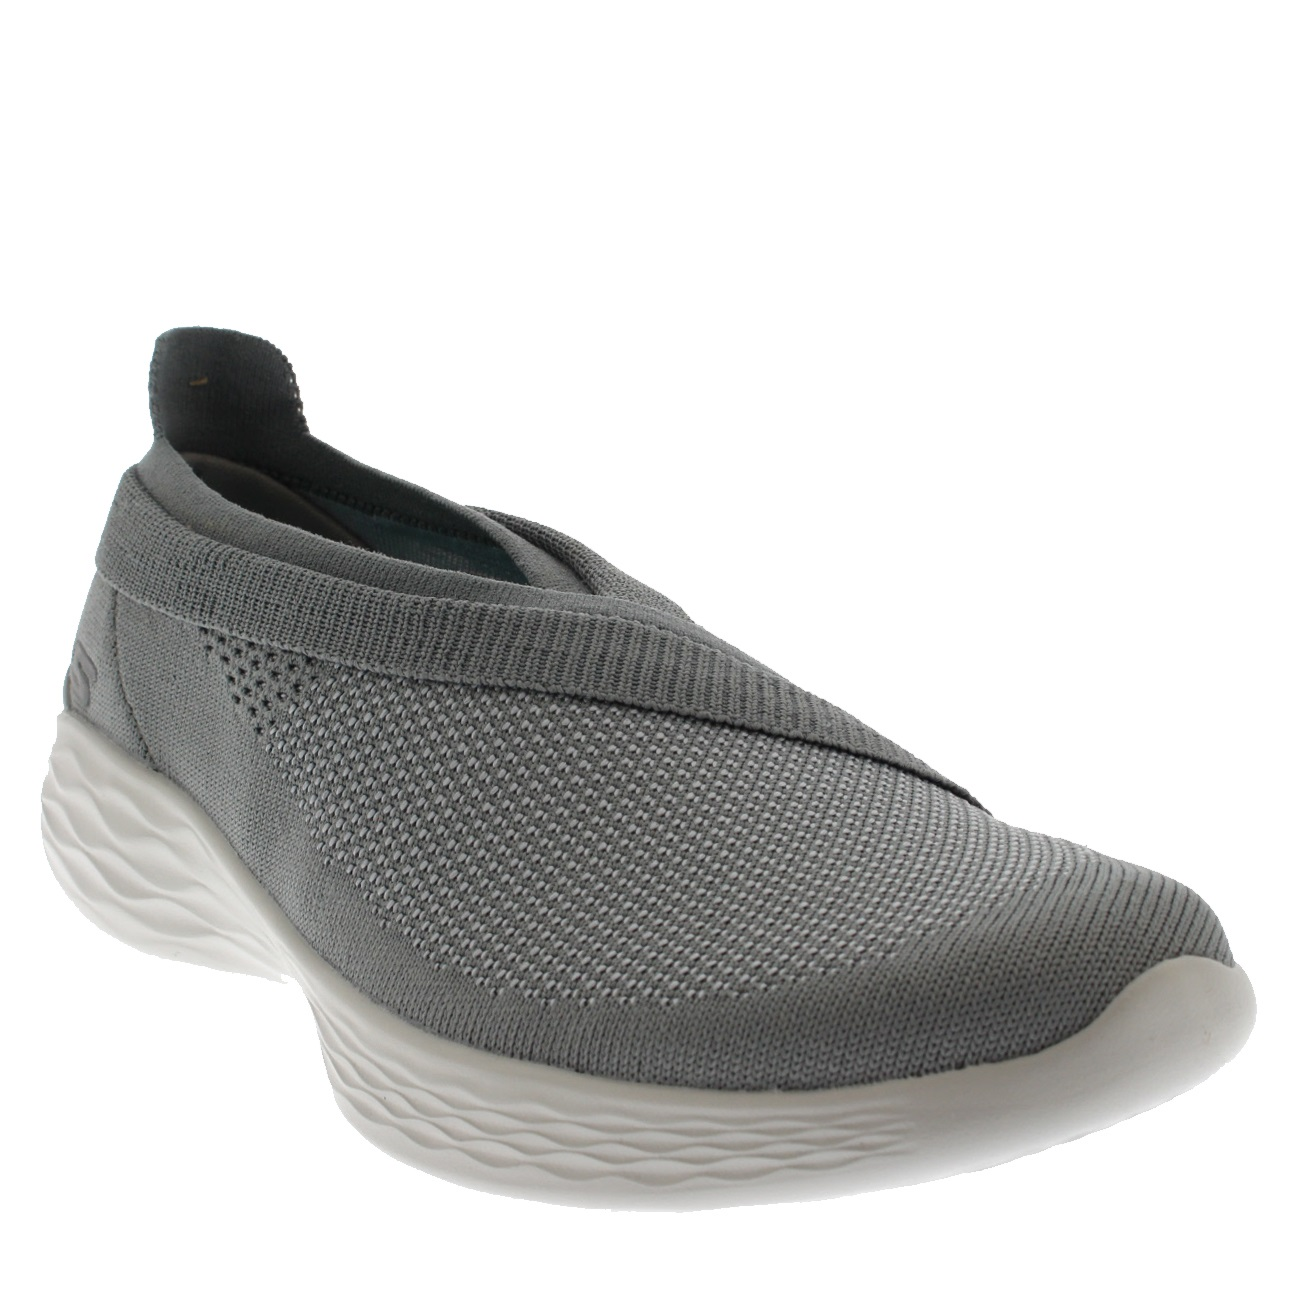 Damen Skechers You Luxe Flexibel Leicht Flexibel Luxe Ged�chtnisschaum Yoga Turnschuh EU 36-41 bd5418